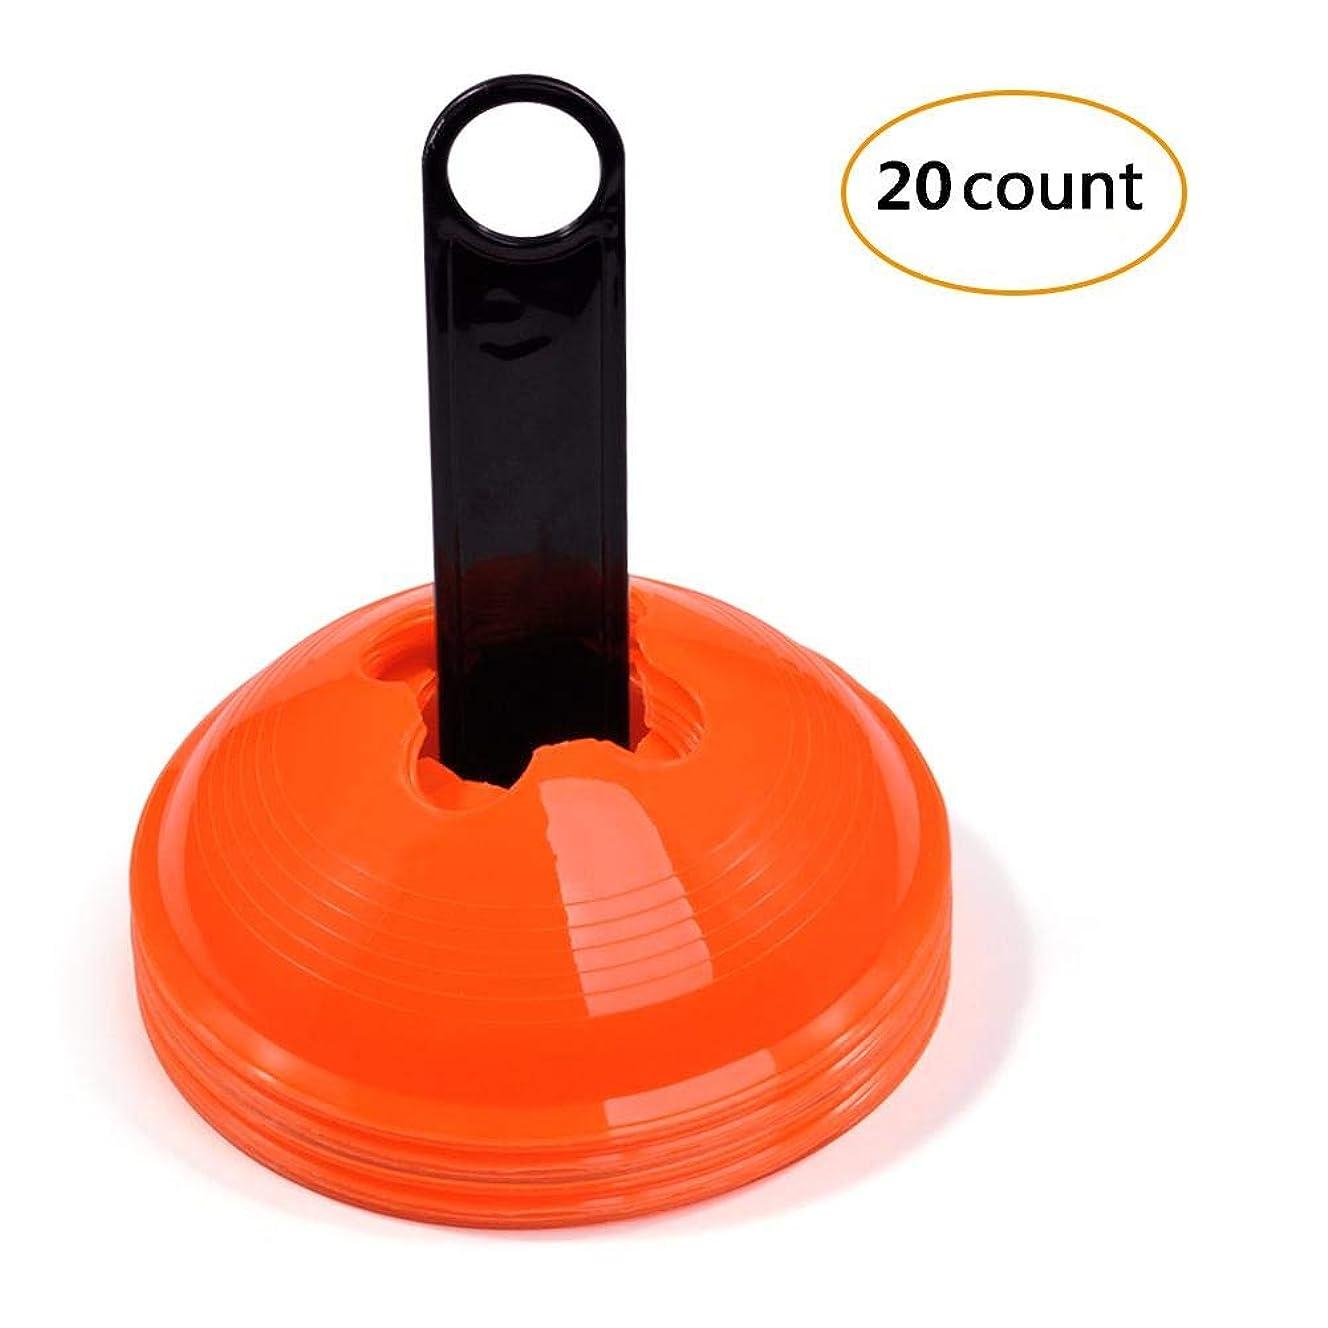 生産的先見の明範囲マーカーコーン カラーコーン サッカー用 トレーニング スケボー スポーツ用 ゲーム オレンジ色 障害物 20枚入り